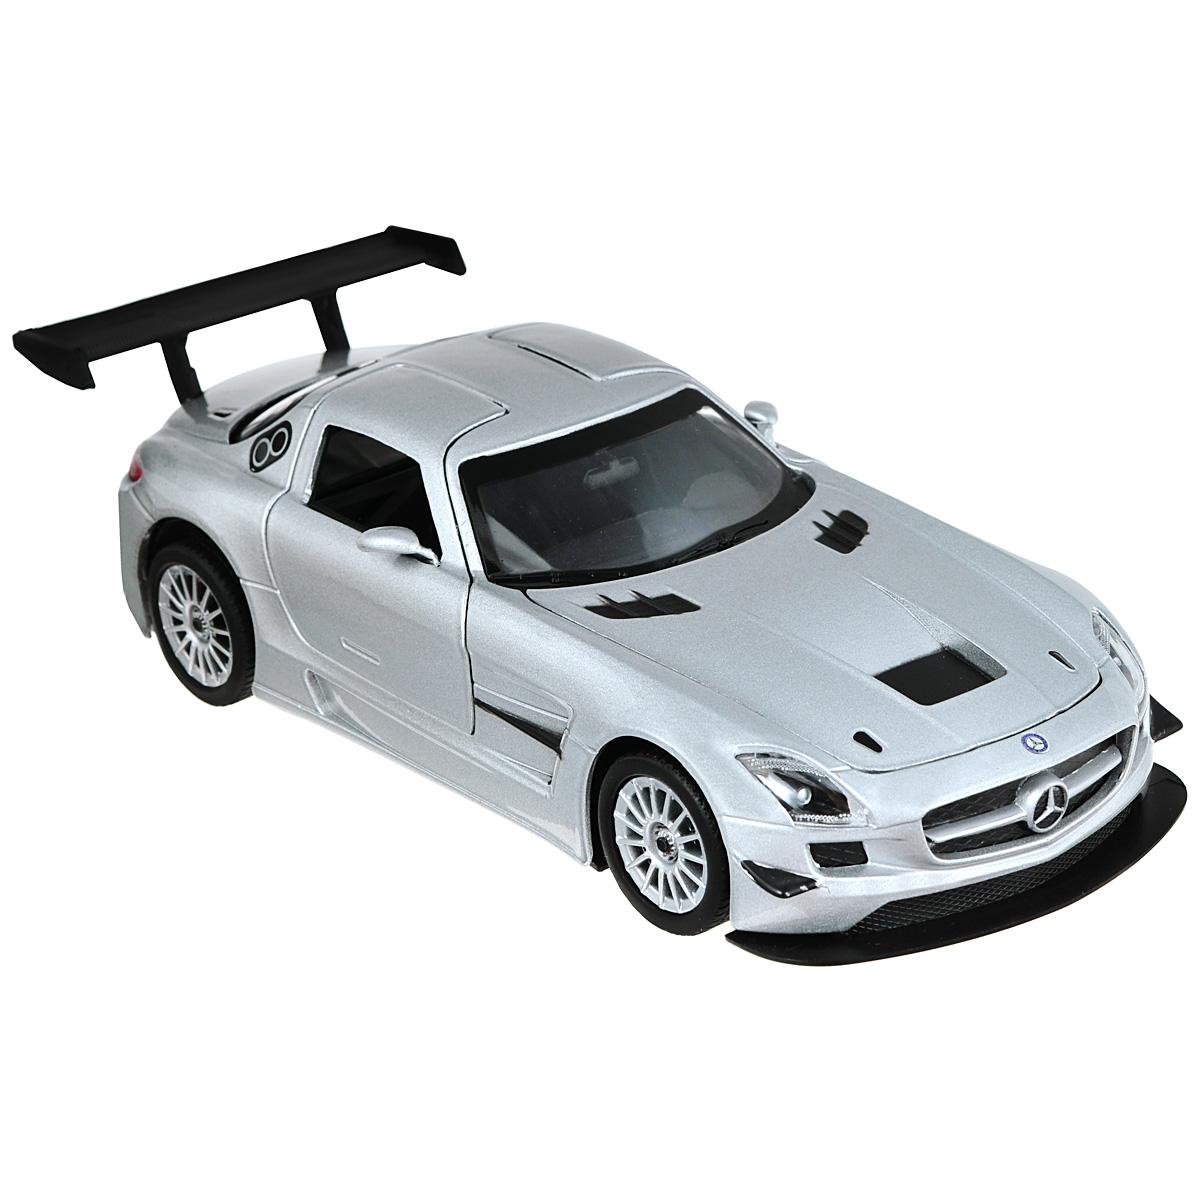 Коллекционная модель MotorMax Mercedes Benz SLS АMG GT3, цвет: серебристый. Масштаб 1/24silver/ast73356Коллекционная модель MotorMax Mercedes Benz SLS АMG GT3 станет хорошим подарком для любого ценителя автомобилей. Эксклюзивная гоночная версия Mercedes-Benz SLS AMG GT3 - это настоящий гоночный болид с узнаваемыми линиями Mercedes, задним спойлером и дверями типа крыло чайки, подготовленный специально для участия в соревнованиях класса GT3. Насладитесь прекрасным авто вместе с масштабной моделью от MotorMax. Корпус машинки отлит по технологии Die Cast, он металлический, декорирован пластиковыми элементами, шины на колесах выполнены из резины. У автомобиля открываются двери и капот, а также поворачиваются колеса. Модель с высочайшей точностью соответствует облику настоящего Mercedes-Benz SLS AMG GT3. Это касается и деталей интерьера, моторного отсека и багажного отделения.